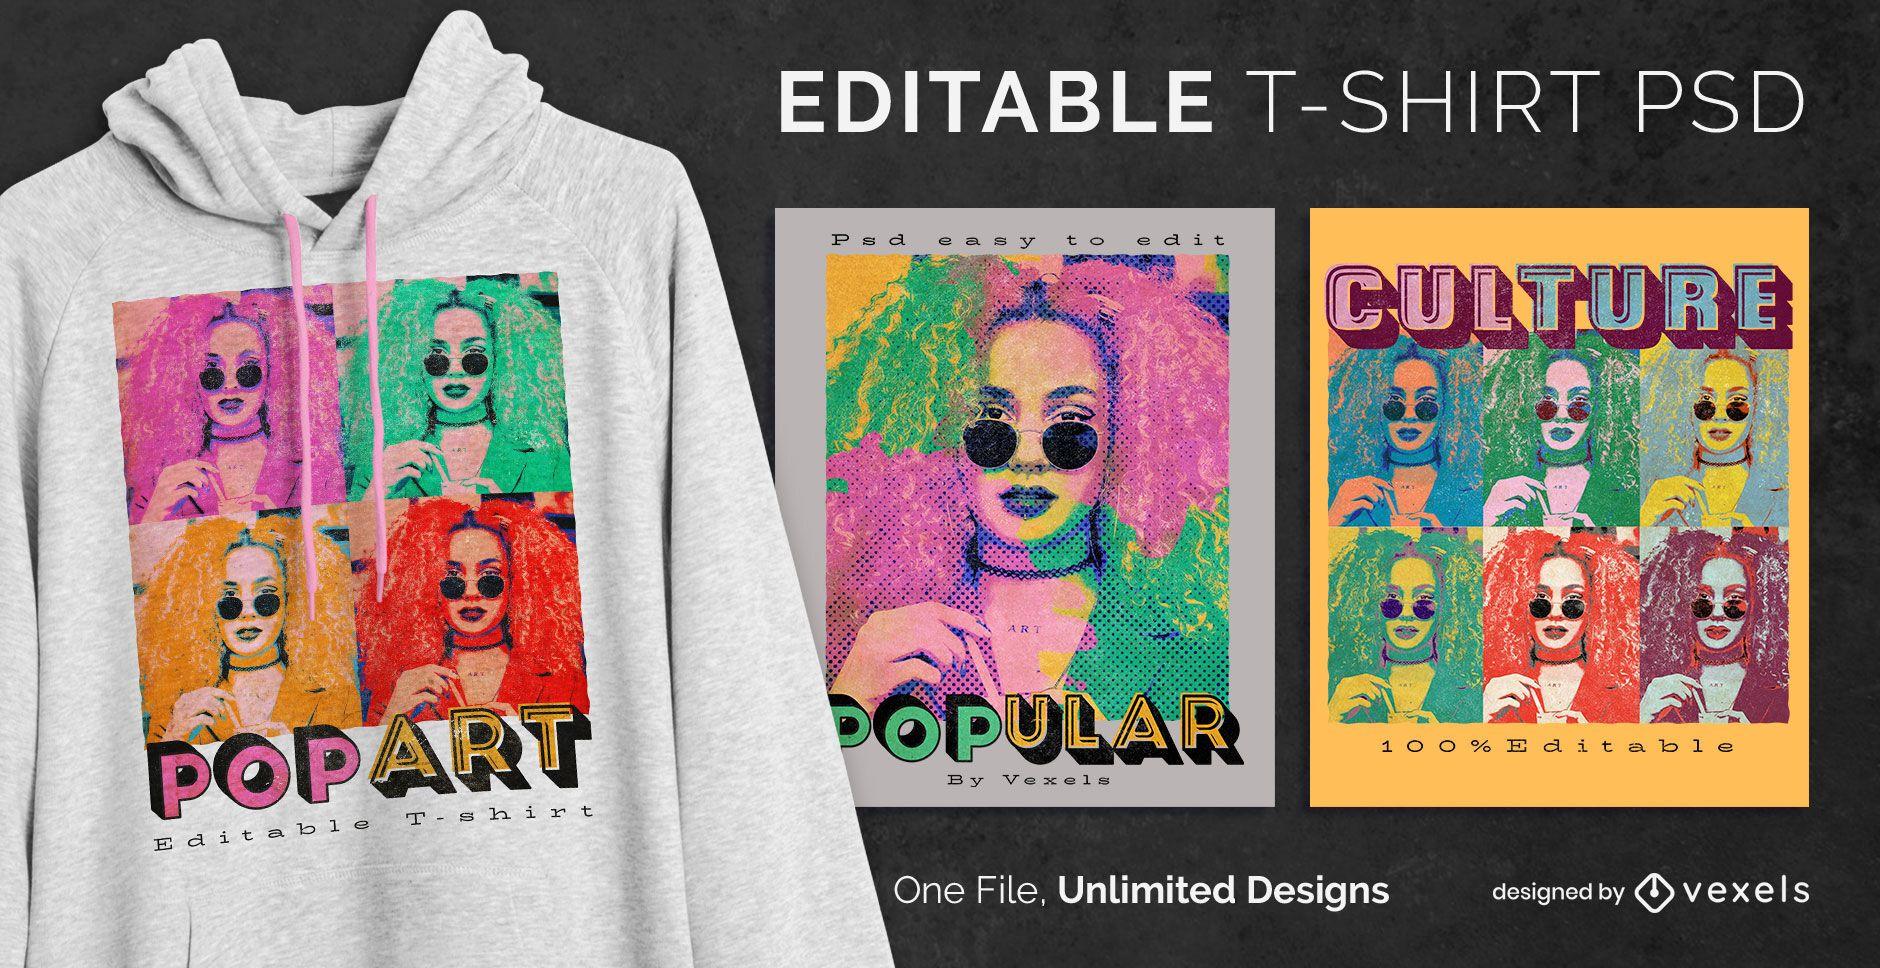 Pop-Art-Fotografien skalierbares T-Shirt PSD